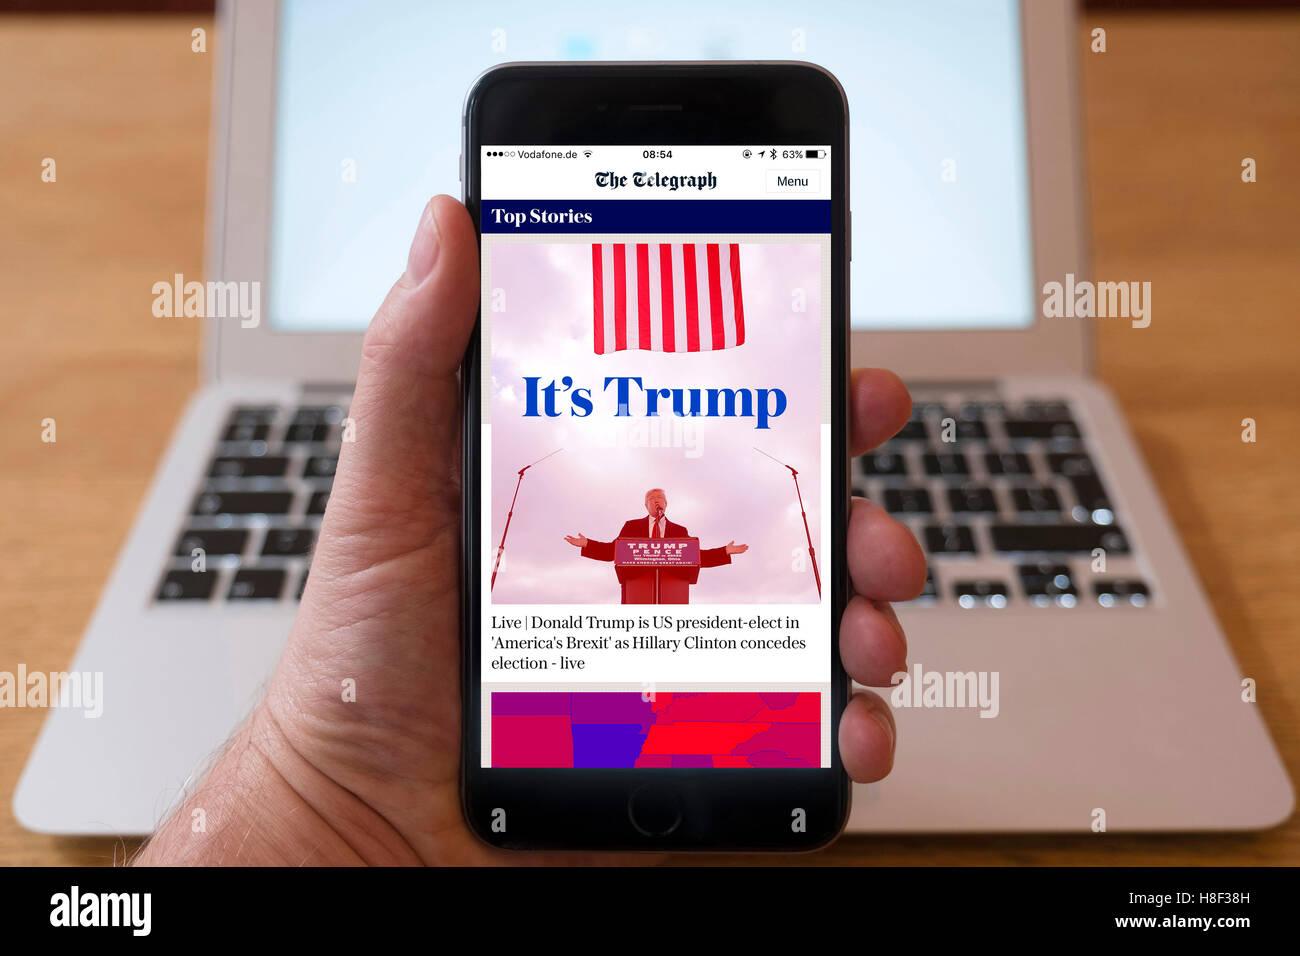 Detail des iPhone Smartphone zeigt Online-mobile Front-Page Schlagzeile vom The Telegraph nach Donald Trump vi Stockbild